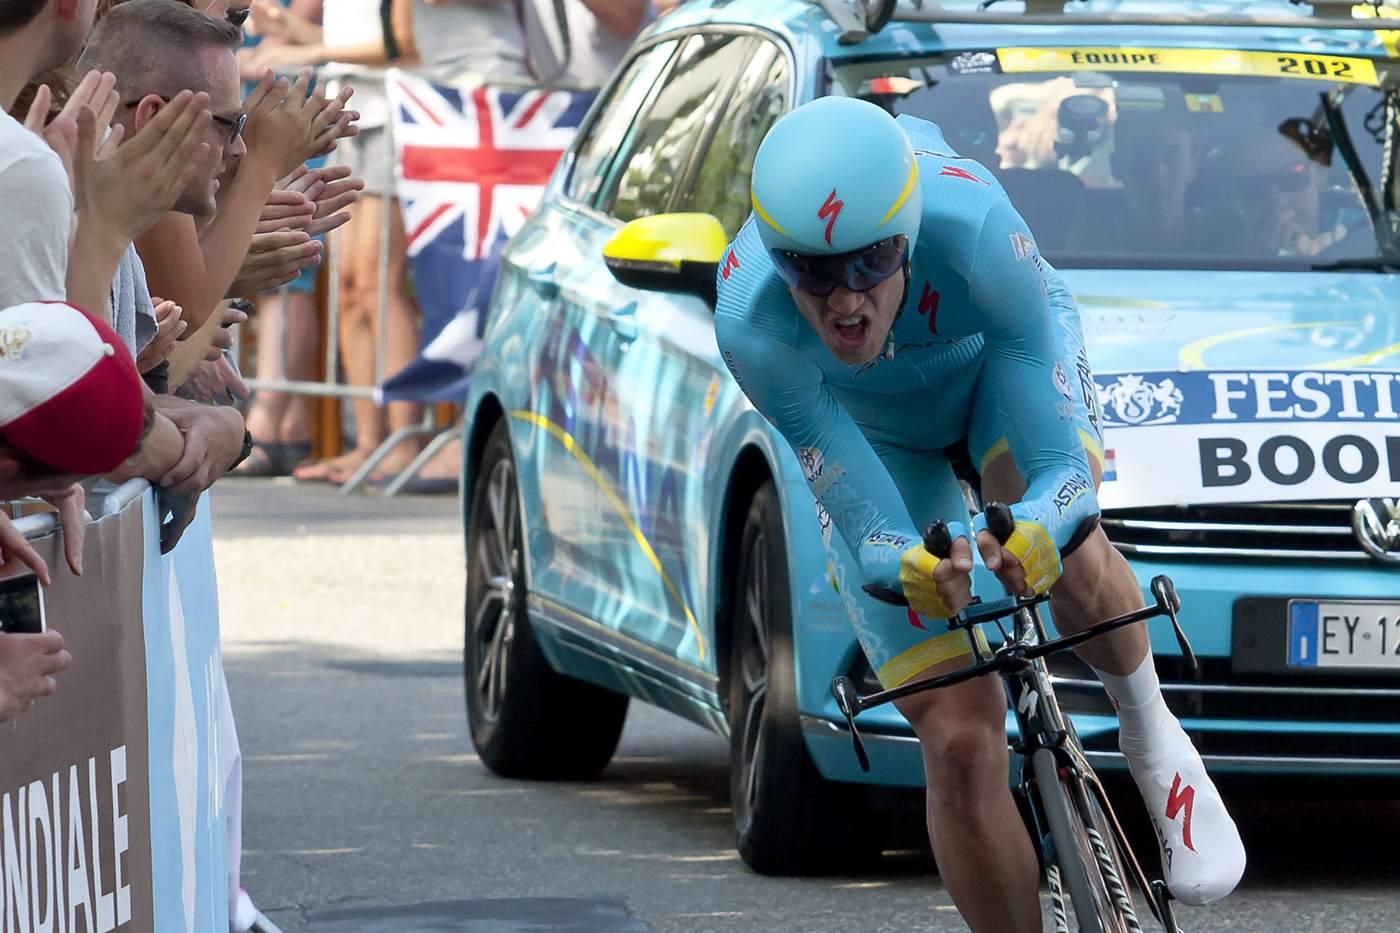 tour france 2015 pictures5 Tour de France 2015 in Pictures